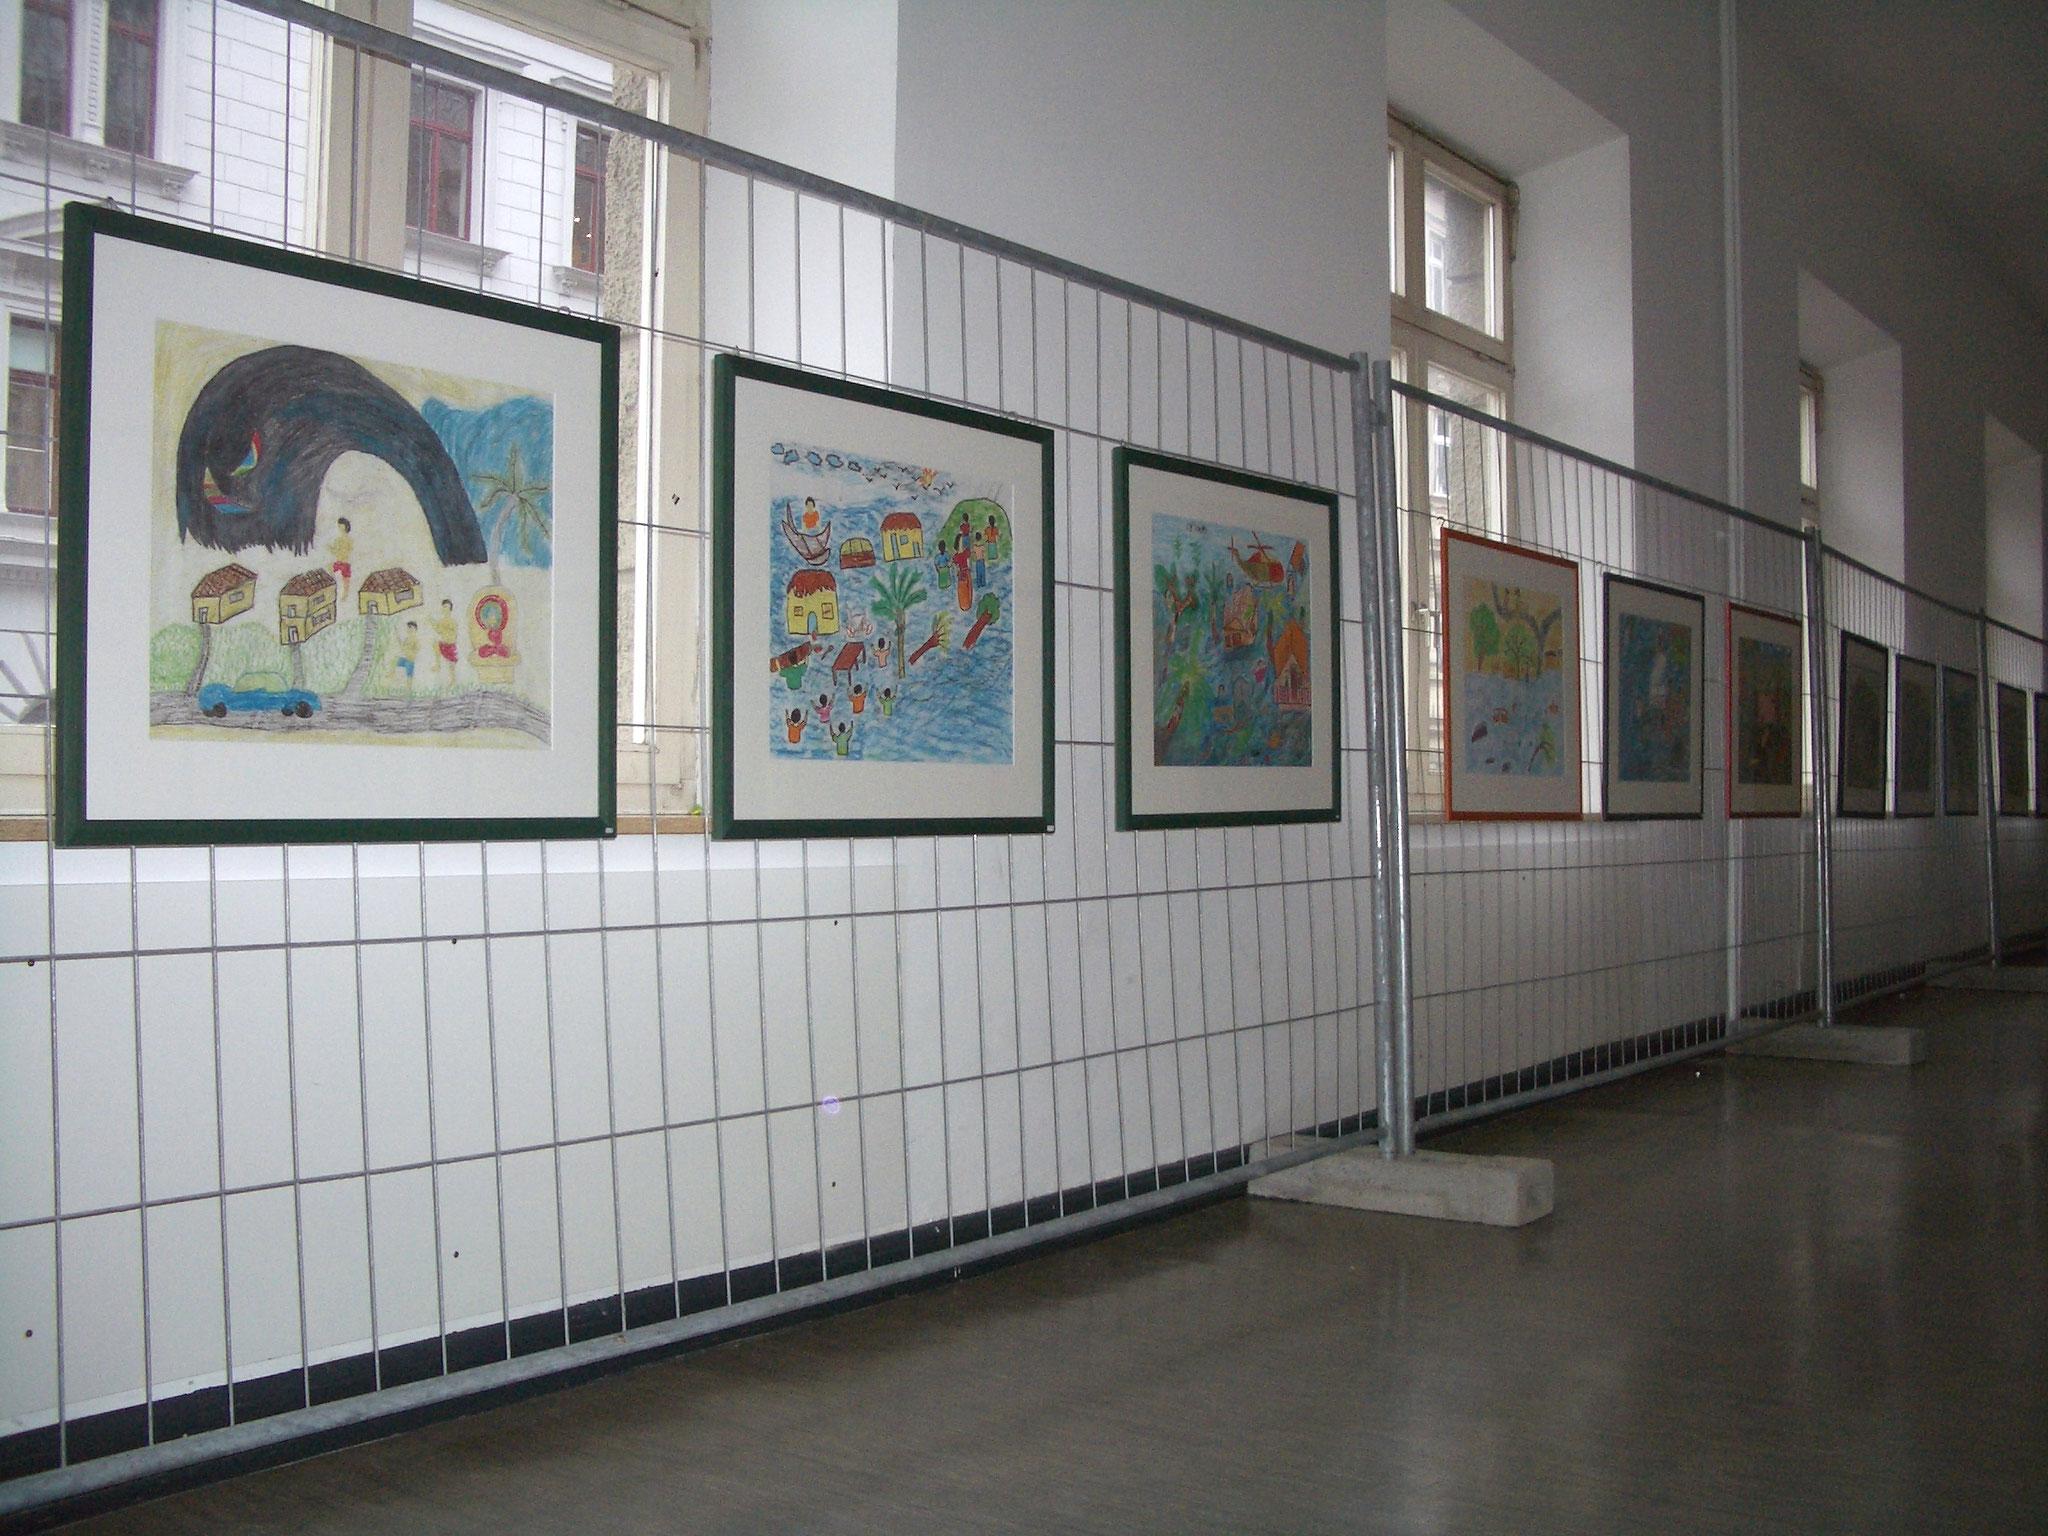 Freiwilligen-Zentrum Augsburg - Tsunami-Wanderausstellung 2005 Ulrichschule - Foto: Wolfgang F. Lightmaster